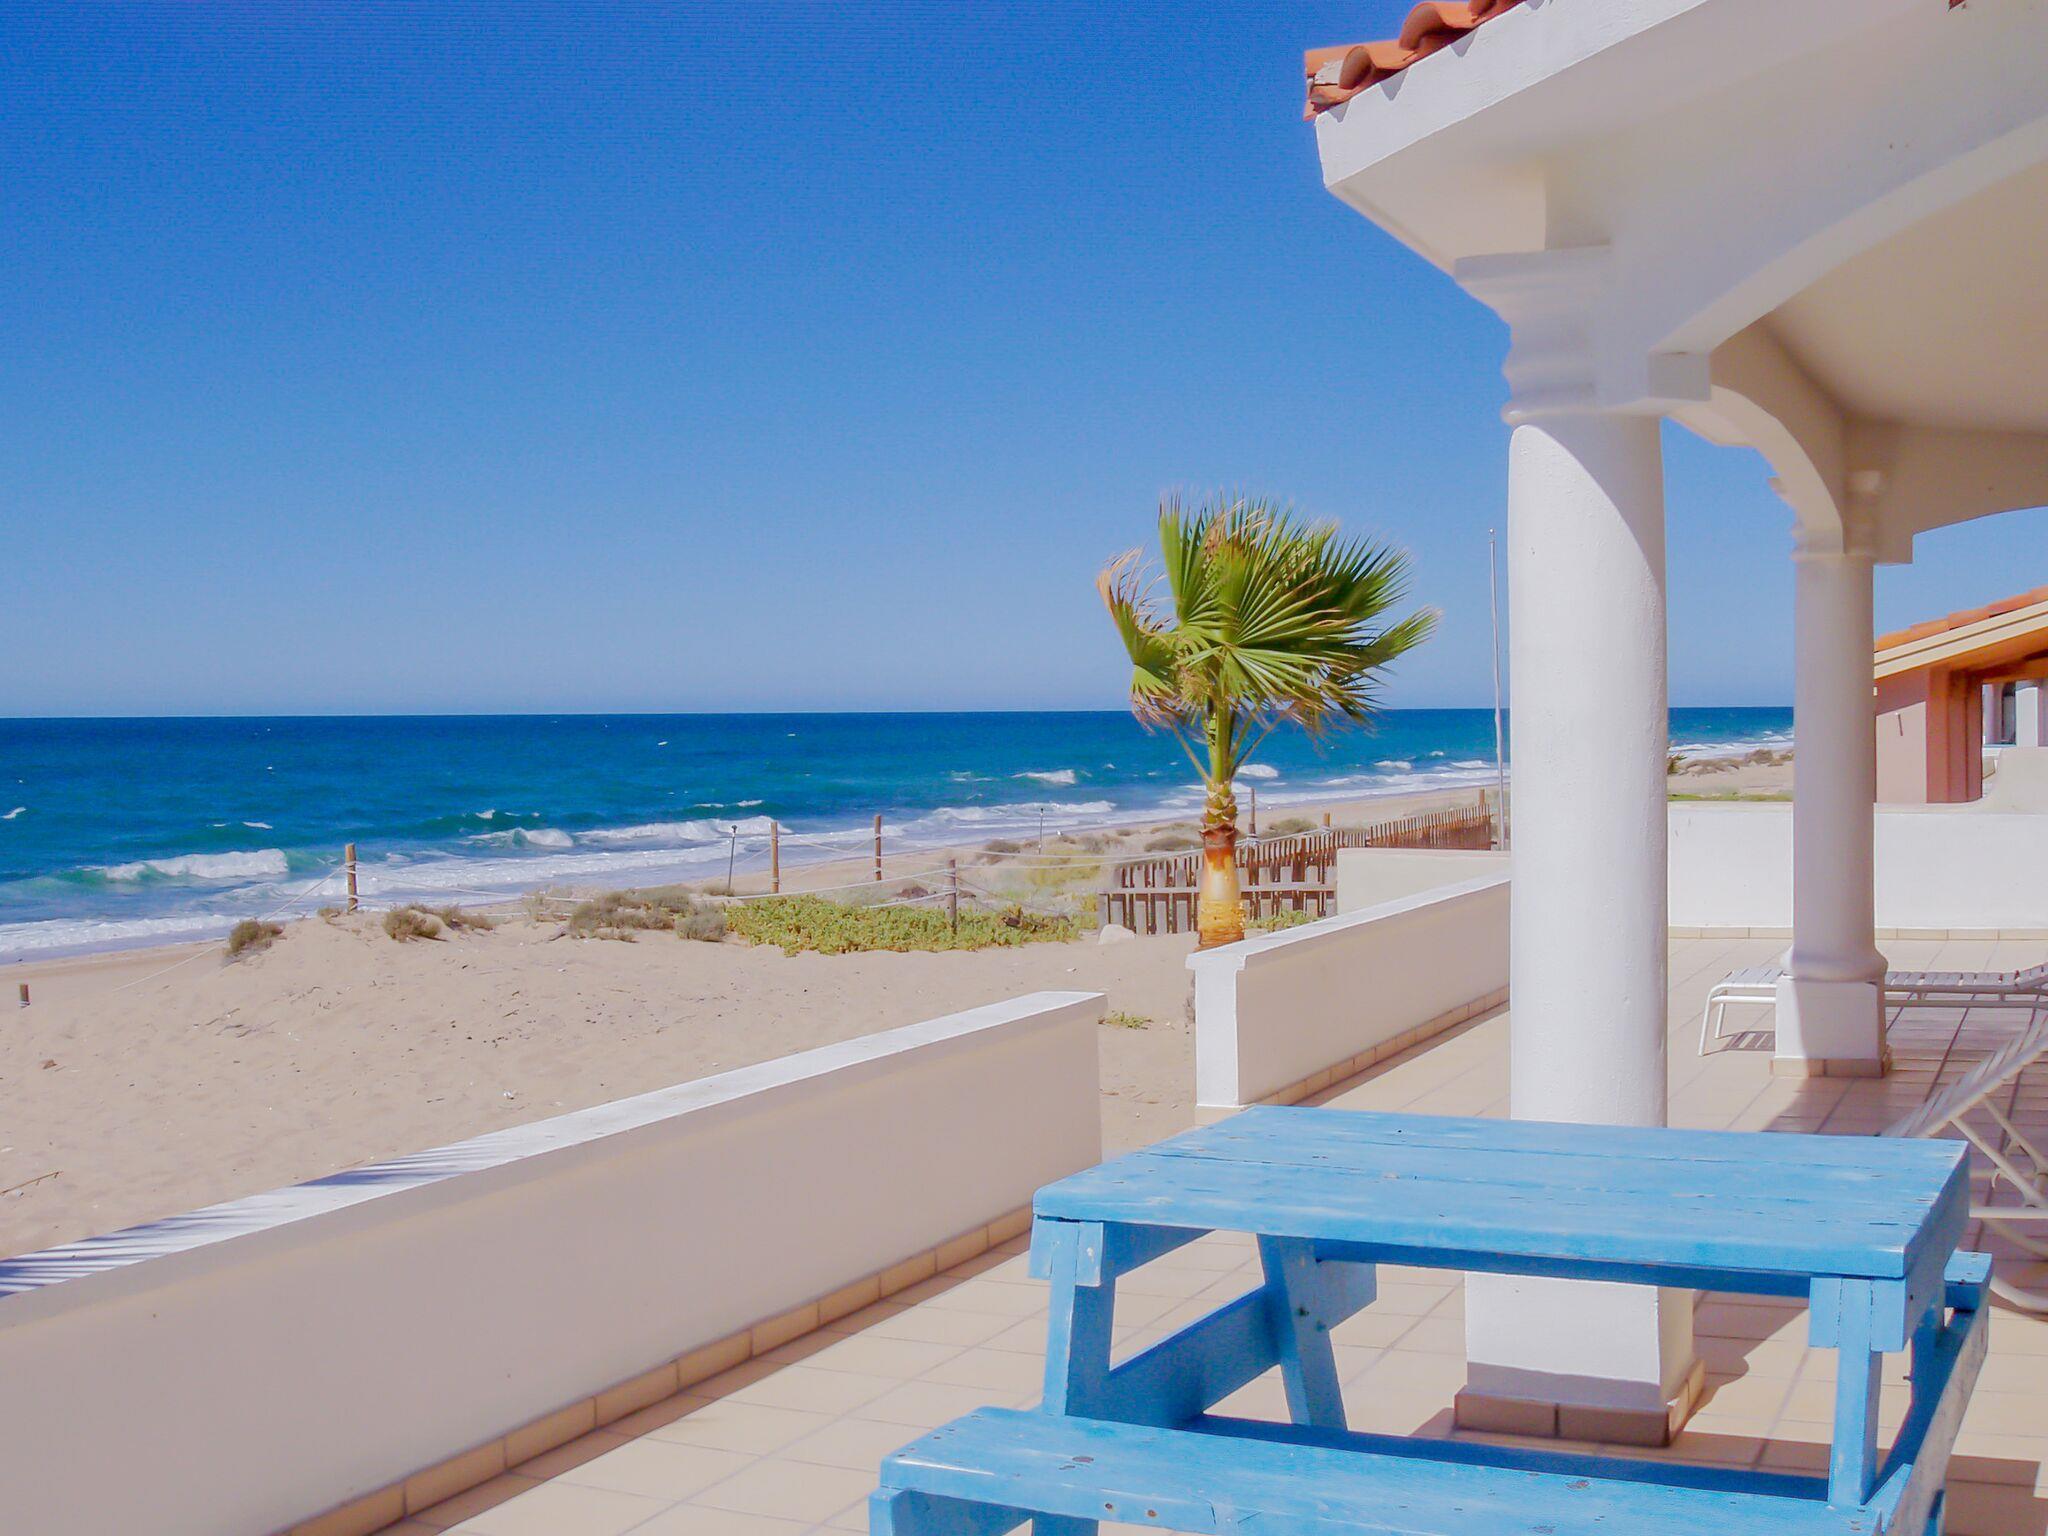 Las Conchas Real Estate, Find Luxury Homes in Las Conchas